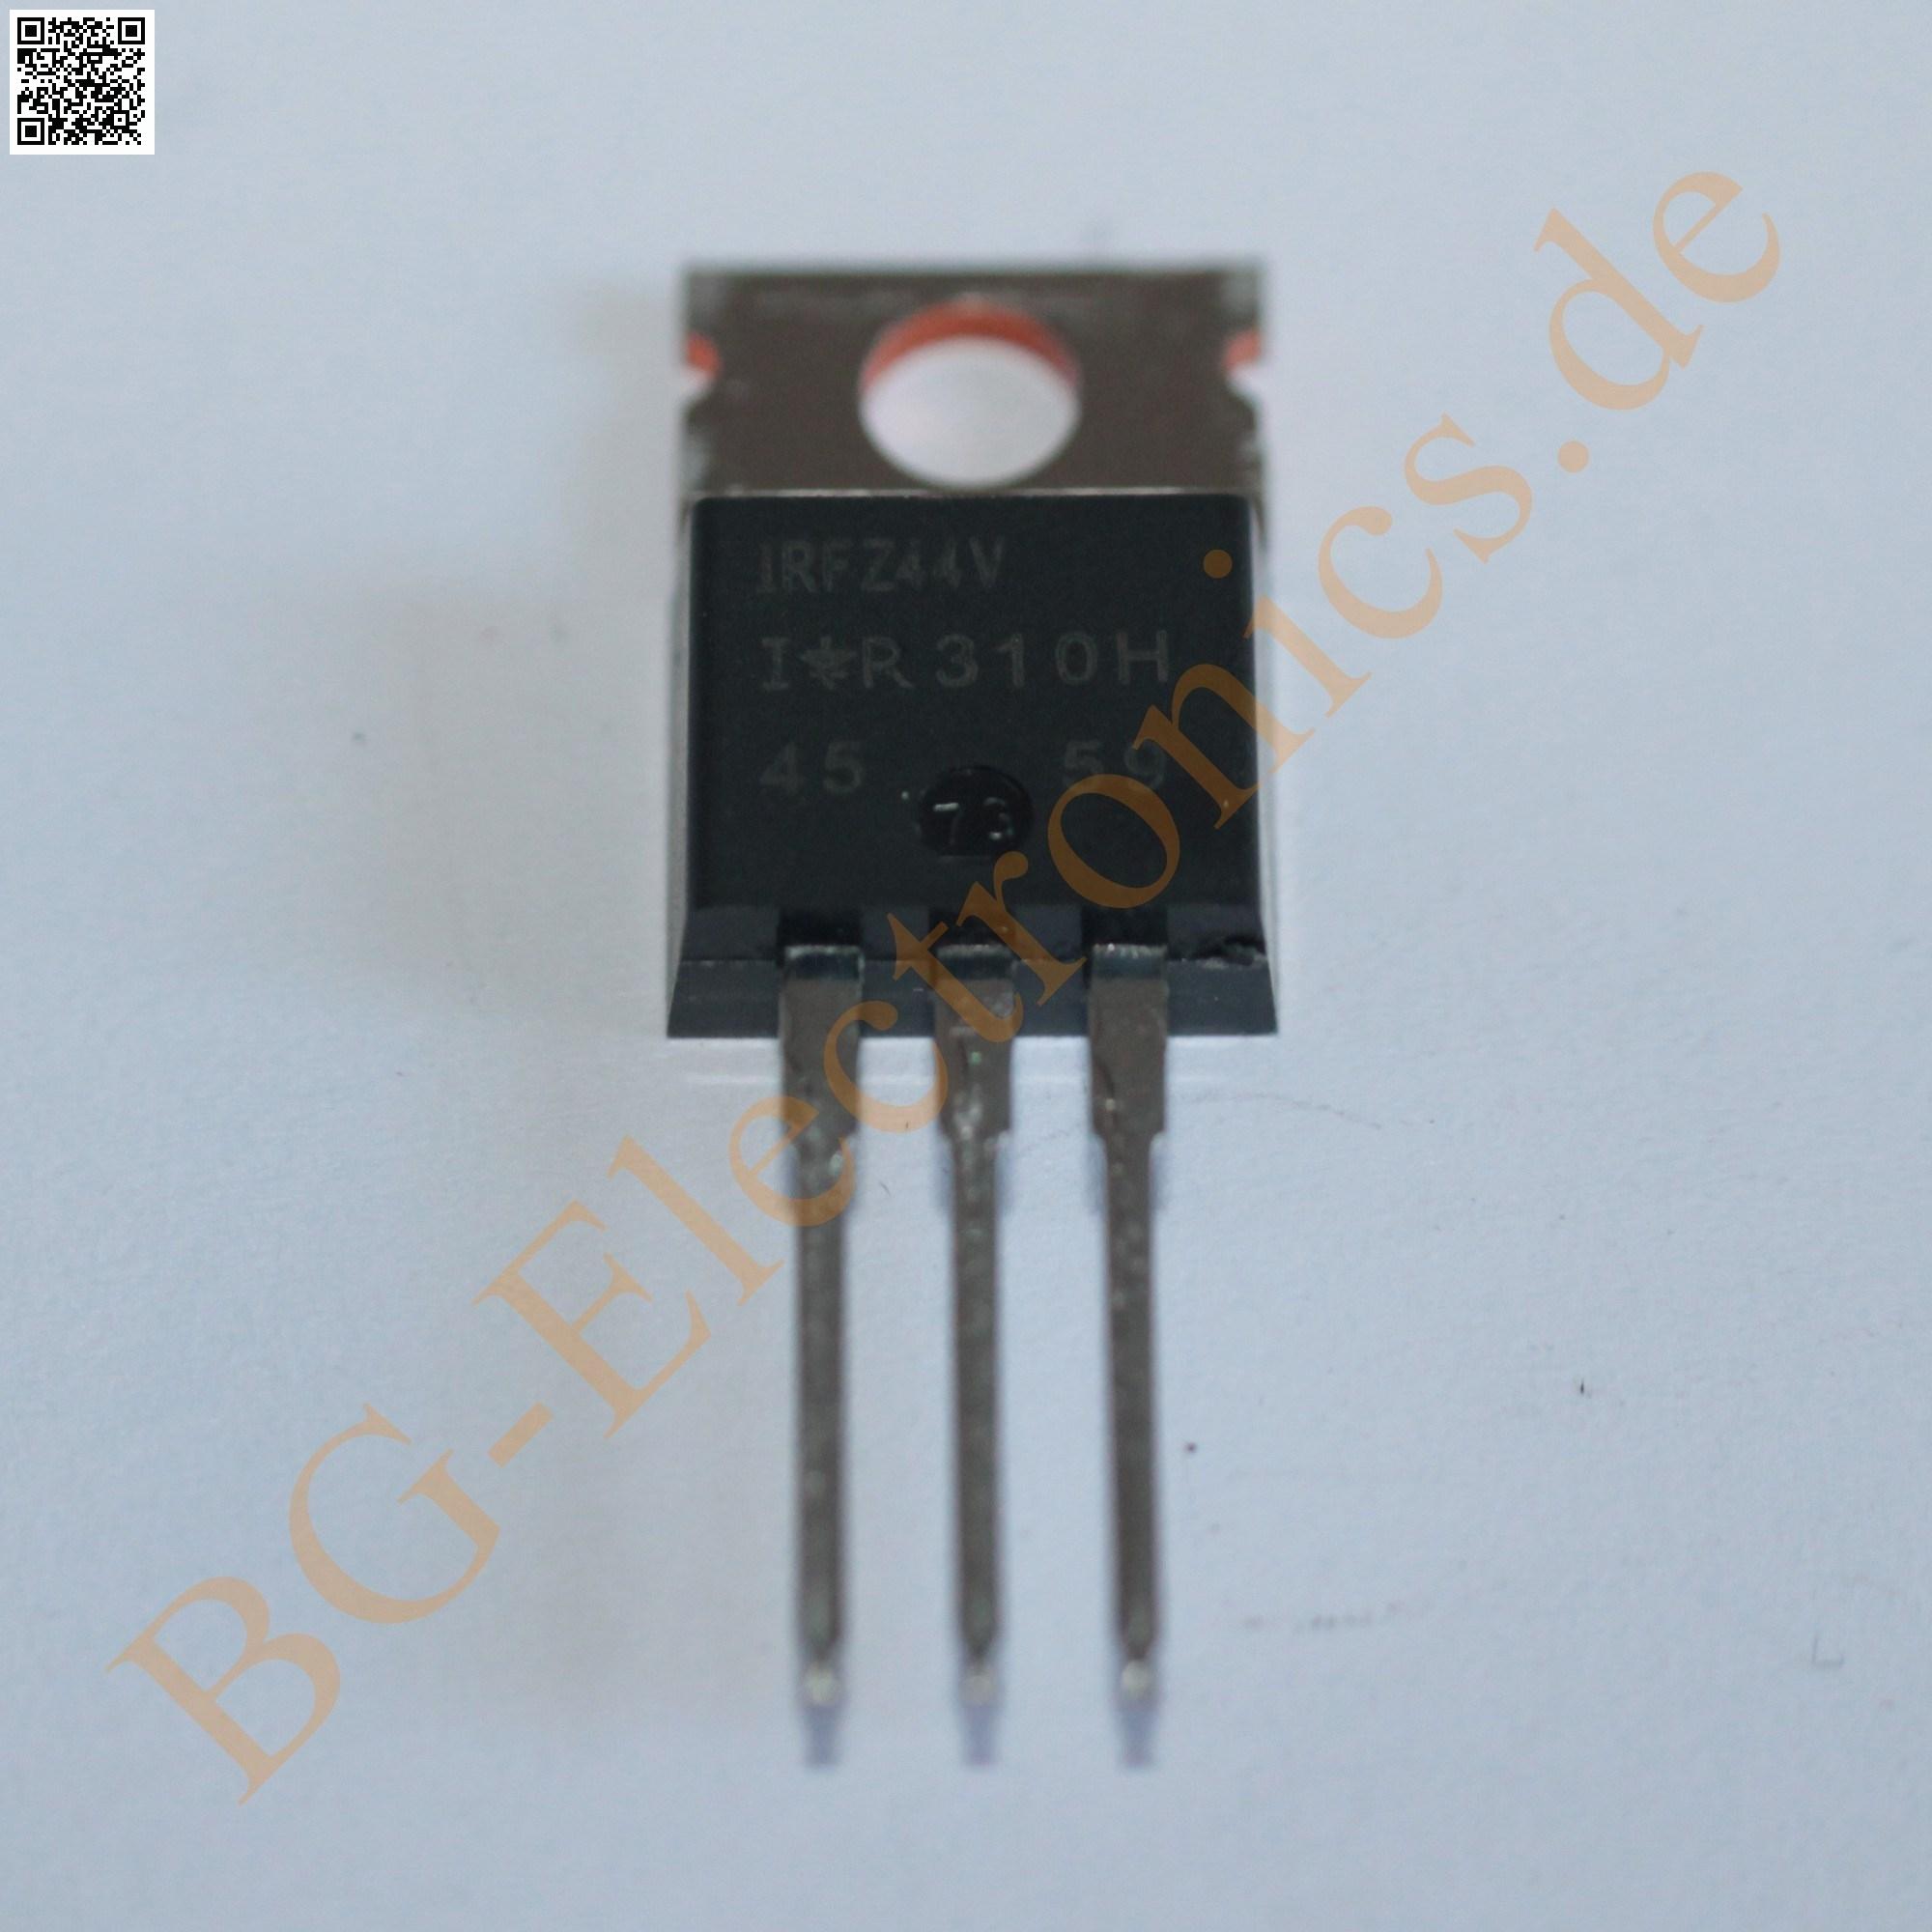 Irfz44v Bg Electronics Irfz44 Datasheet